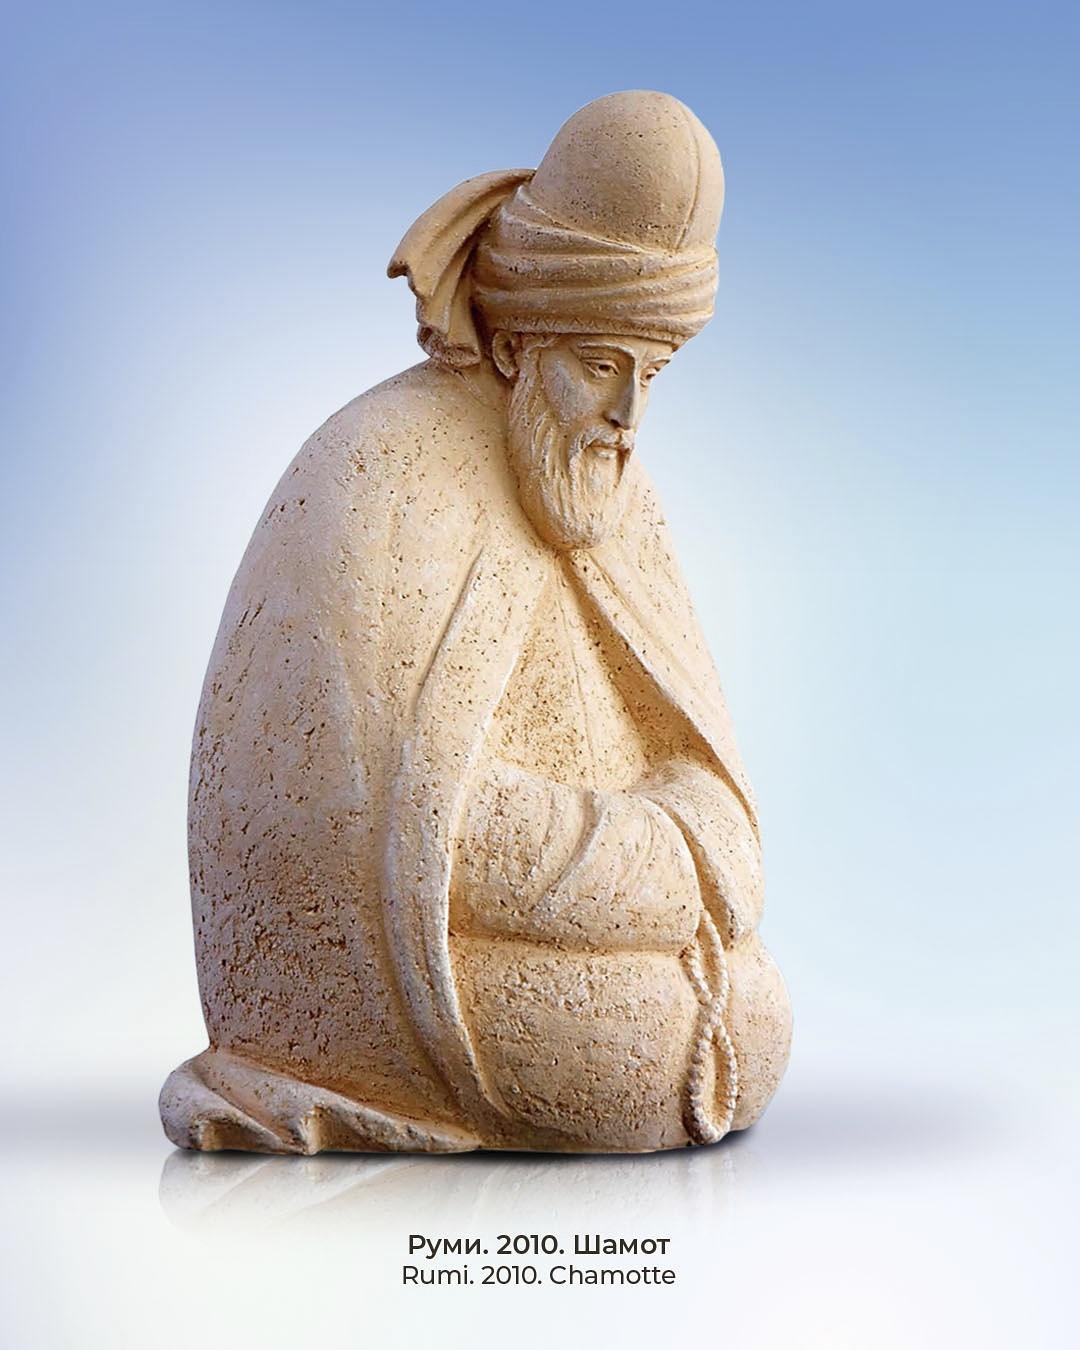 Rumi Jalaladdin. 2010 - img 20191217 101301 745